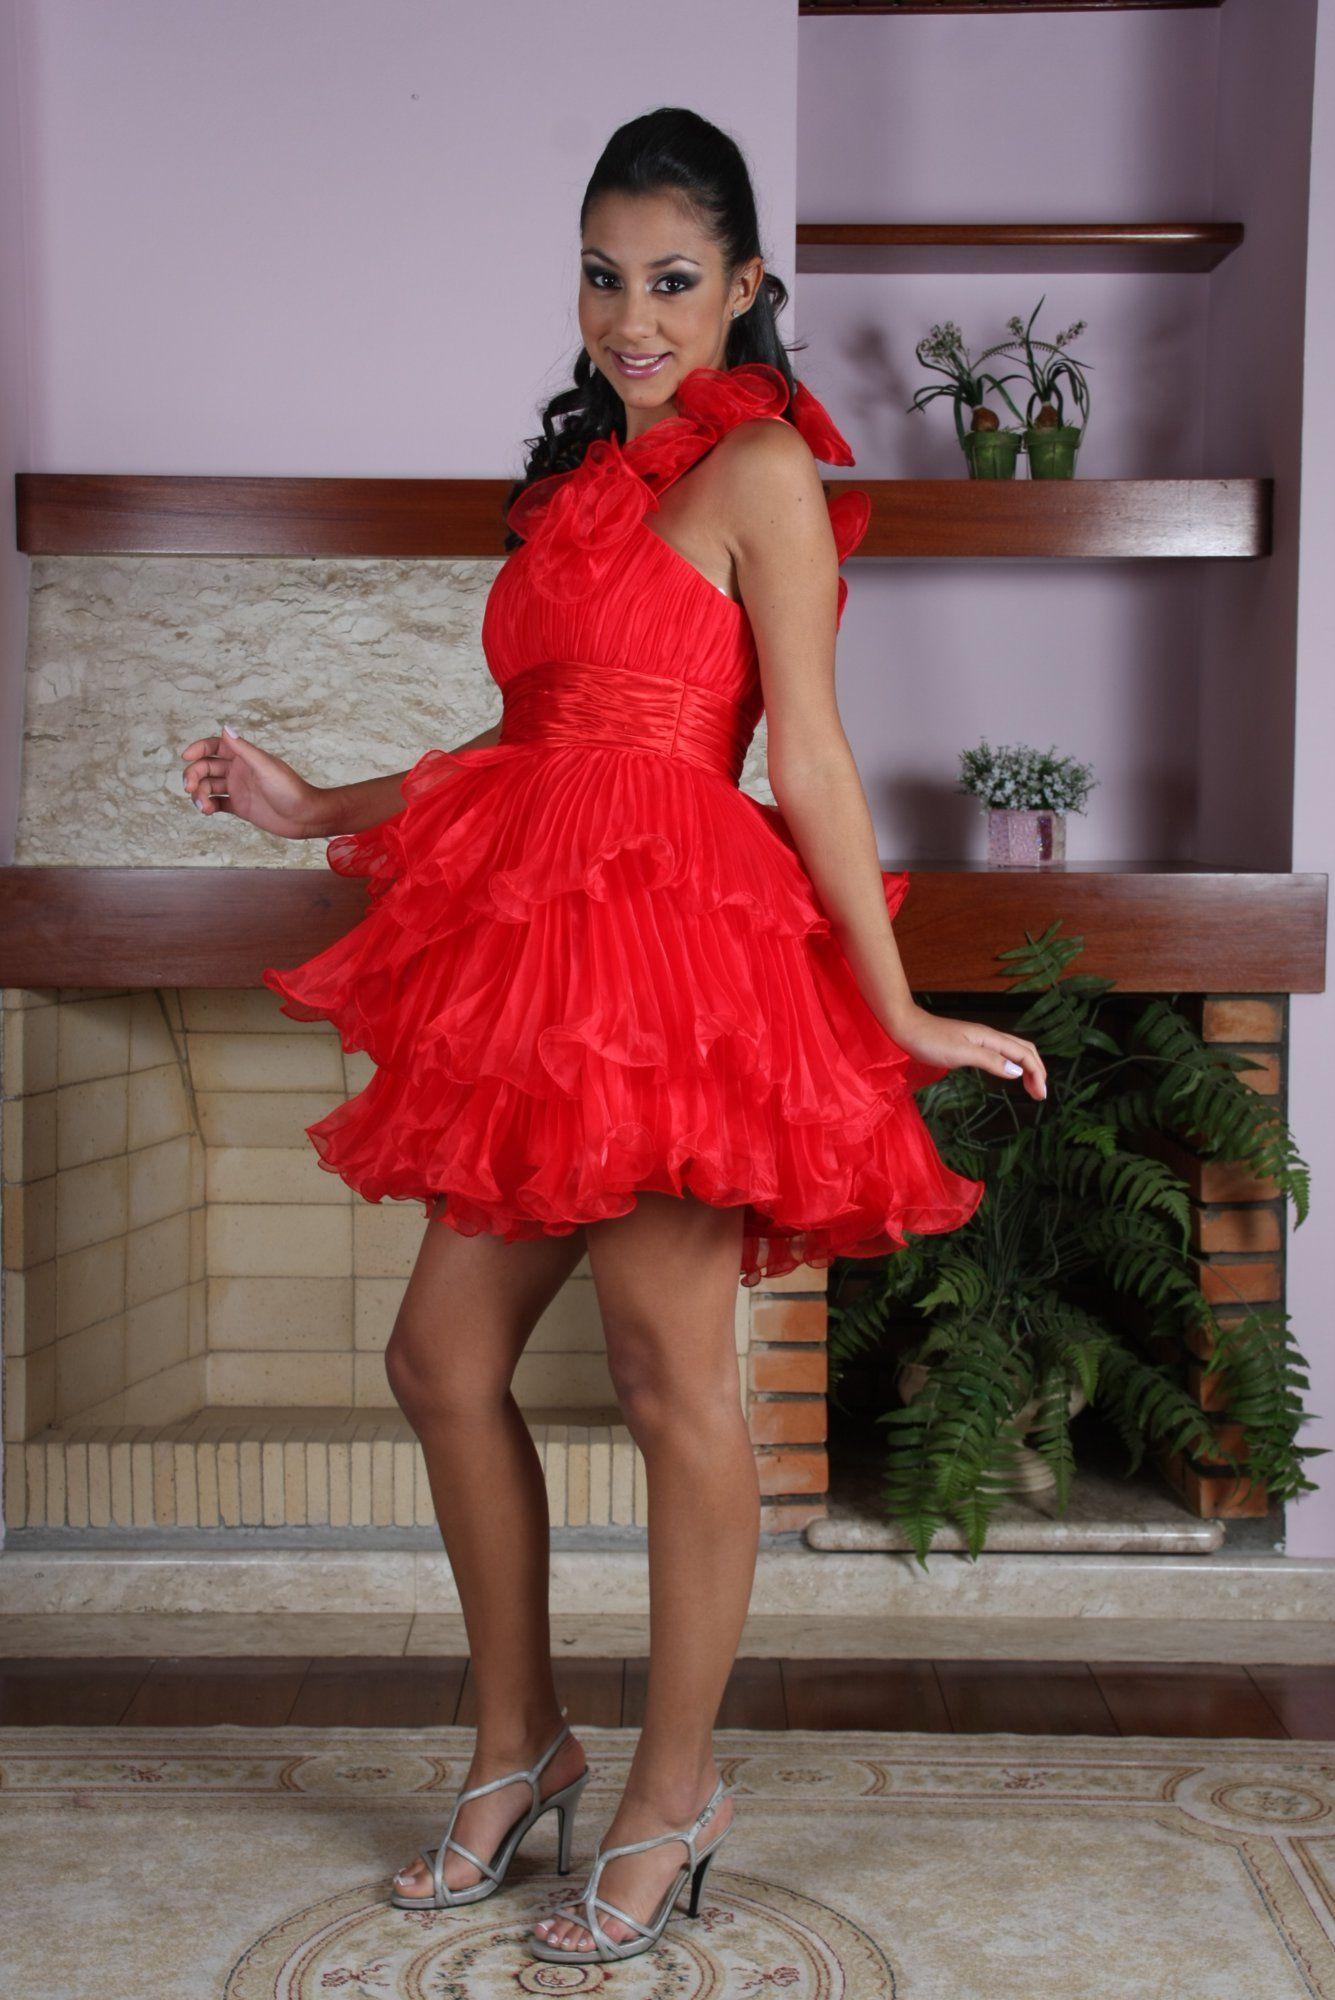 Vestido de Debutante Vermelho - 2 - Hipnose Alta Costura e Spa para Noivas e Noivos - Campinas - SP Vestido de Debutante, Vestido de Debutante Vermelho, Hipnose Alta Costura